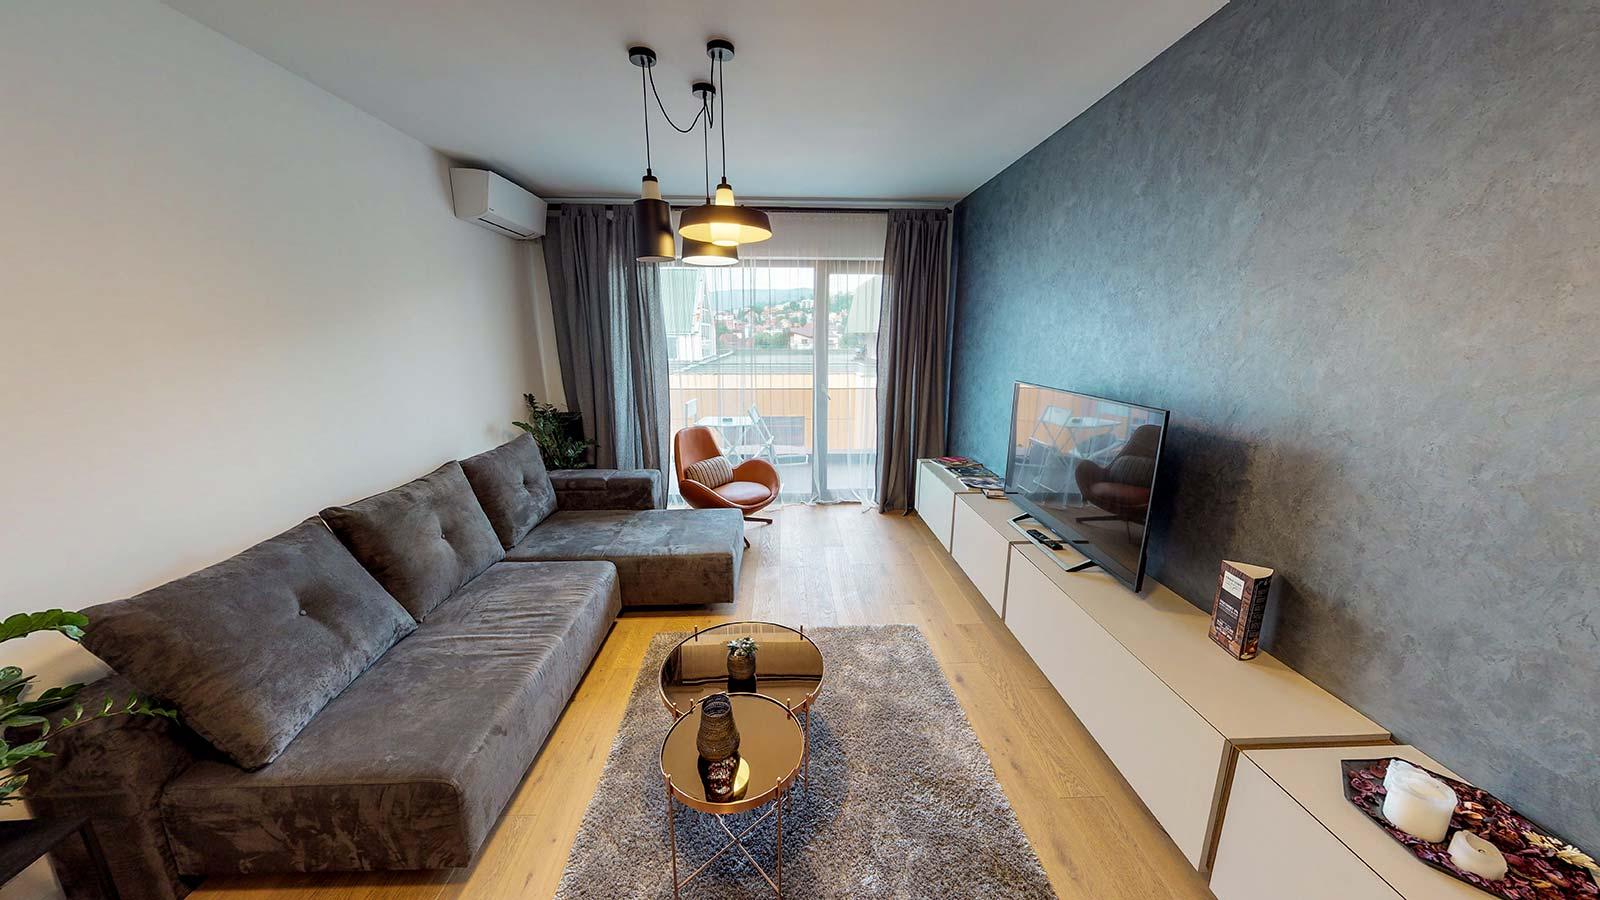 Sufragerie mobilată, în cameră aflându-se o canapea, o masuţa de cafea, un fotoliu şi un dulap în faţa canapelei pe care este plasat un televizor şi câteva obiecte decorative